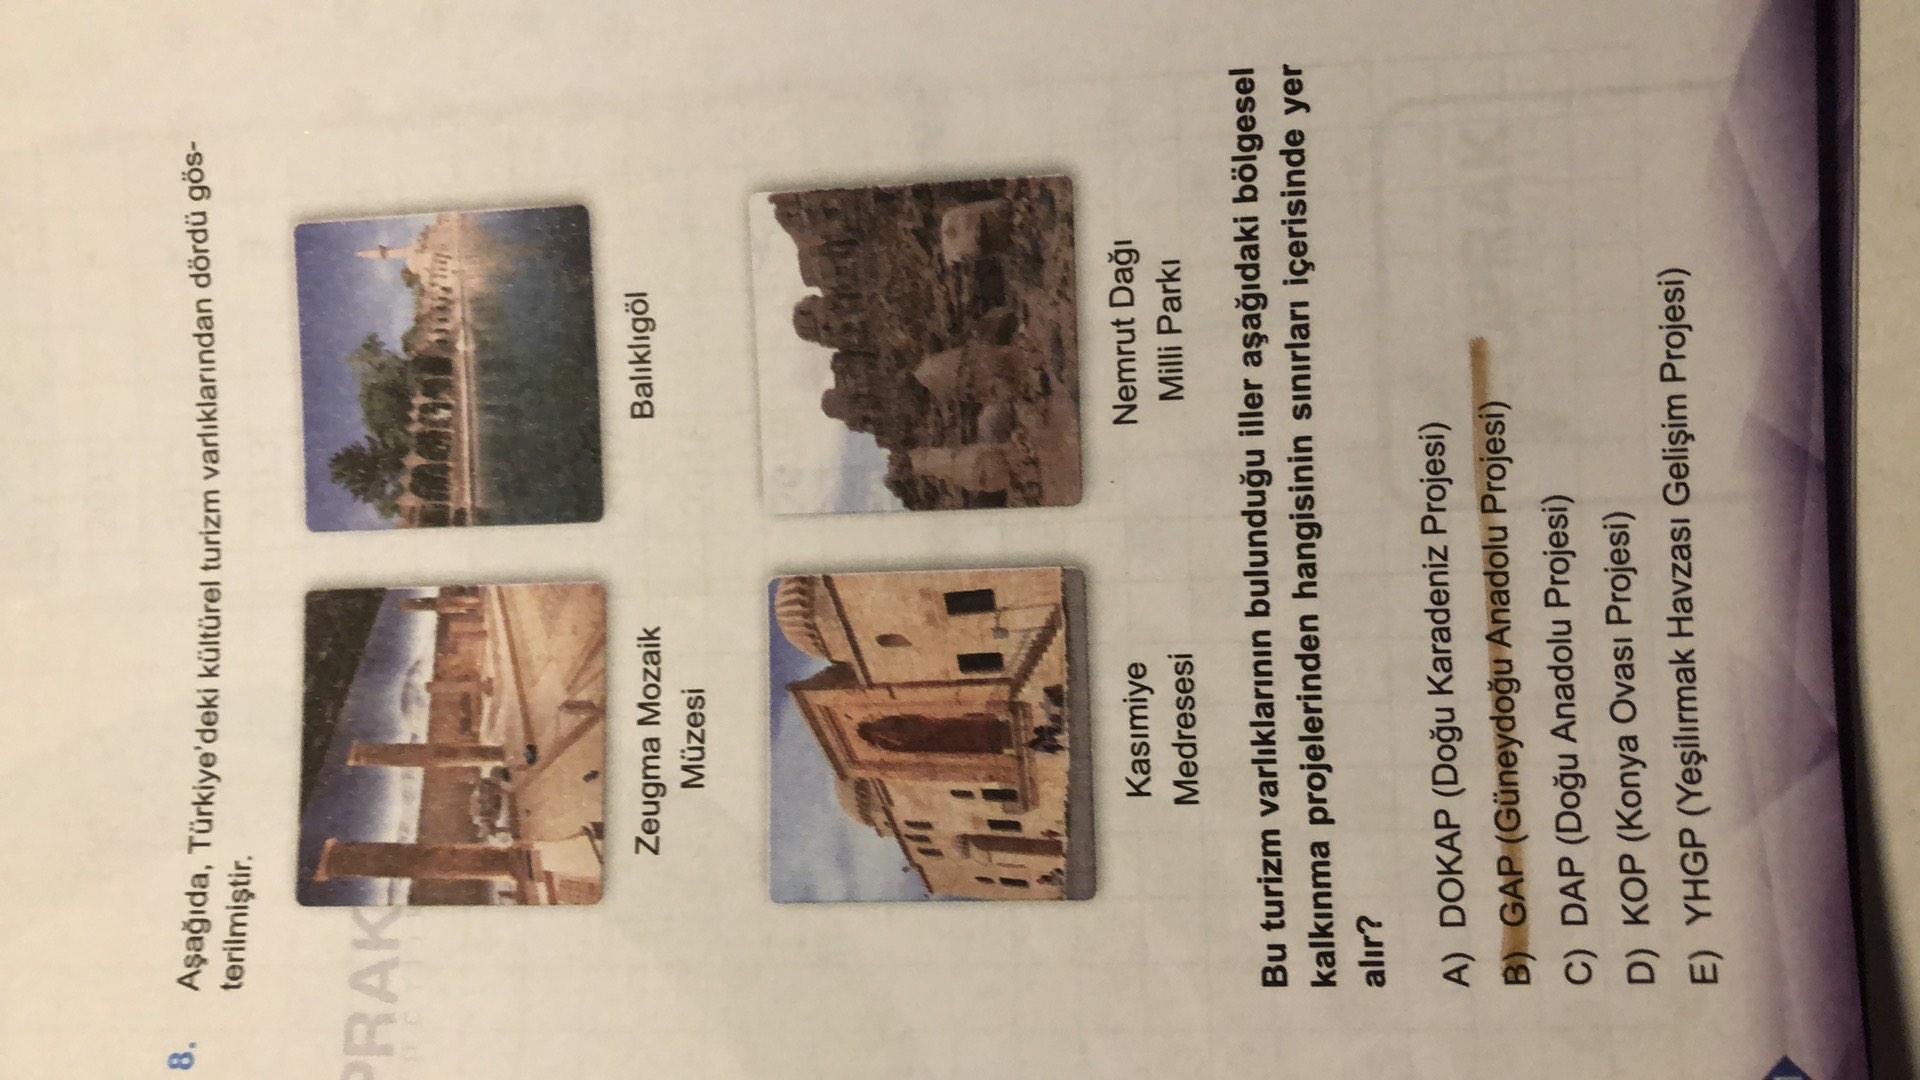 8. Aşağıda, Türkiye'deki kültürel turizm varlıklarından dördü gös- terilmiştir. PRAKE Balıklıgöl Zeugma Mozaik Müzesi 11 Kasımiye Medresesi Nemrut Dağı Milli Parkı Bu turizm varlıklarının bulunduğu iller aşağıdaki bölgesel kalkınma projelerinden hangisinin